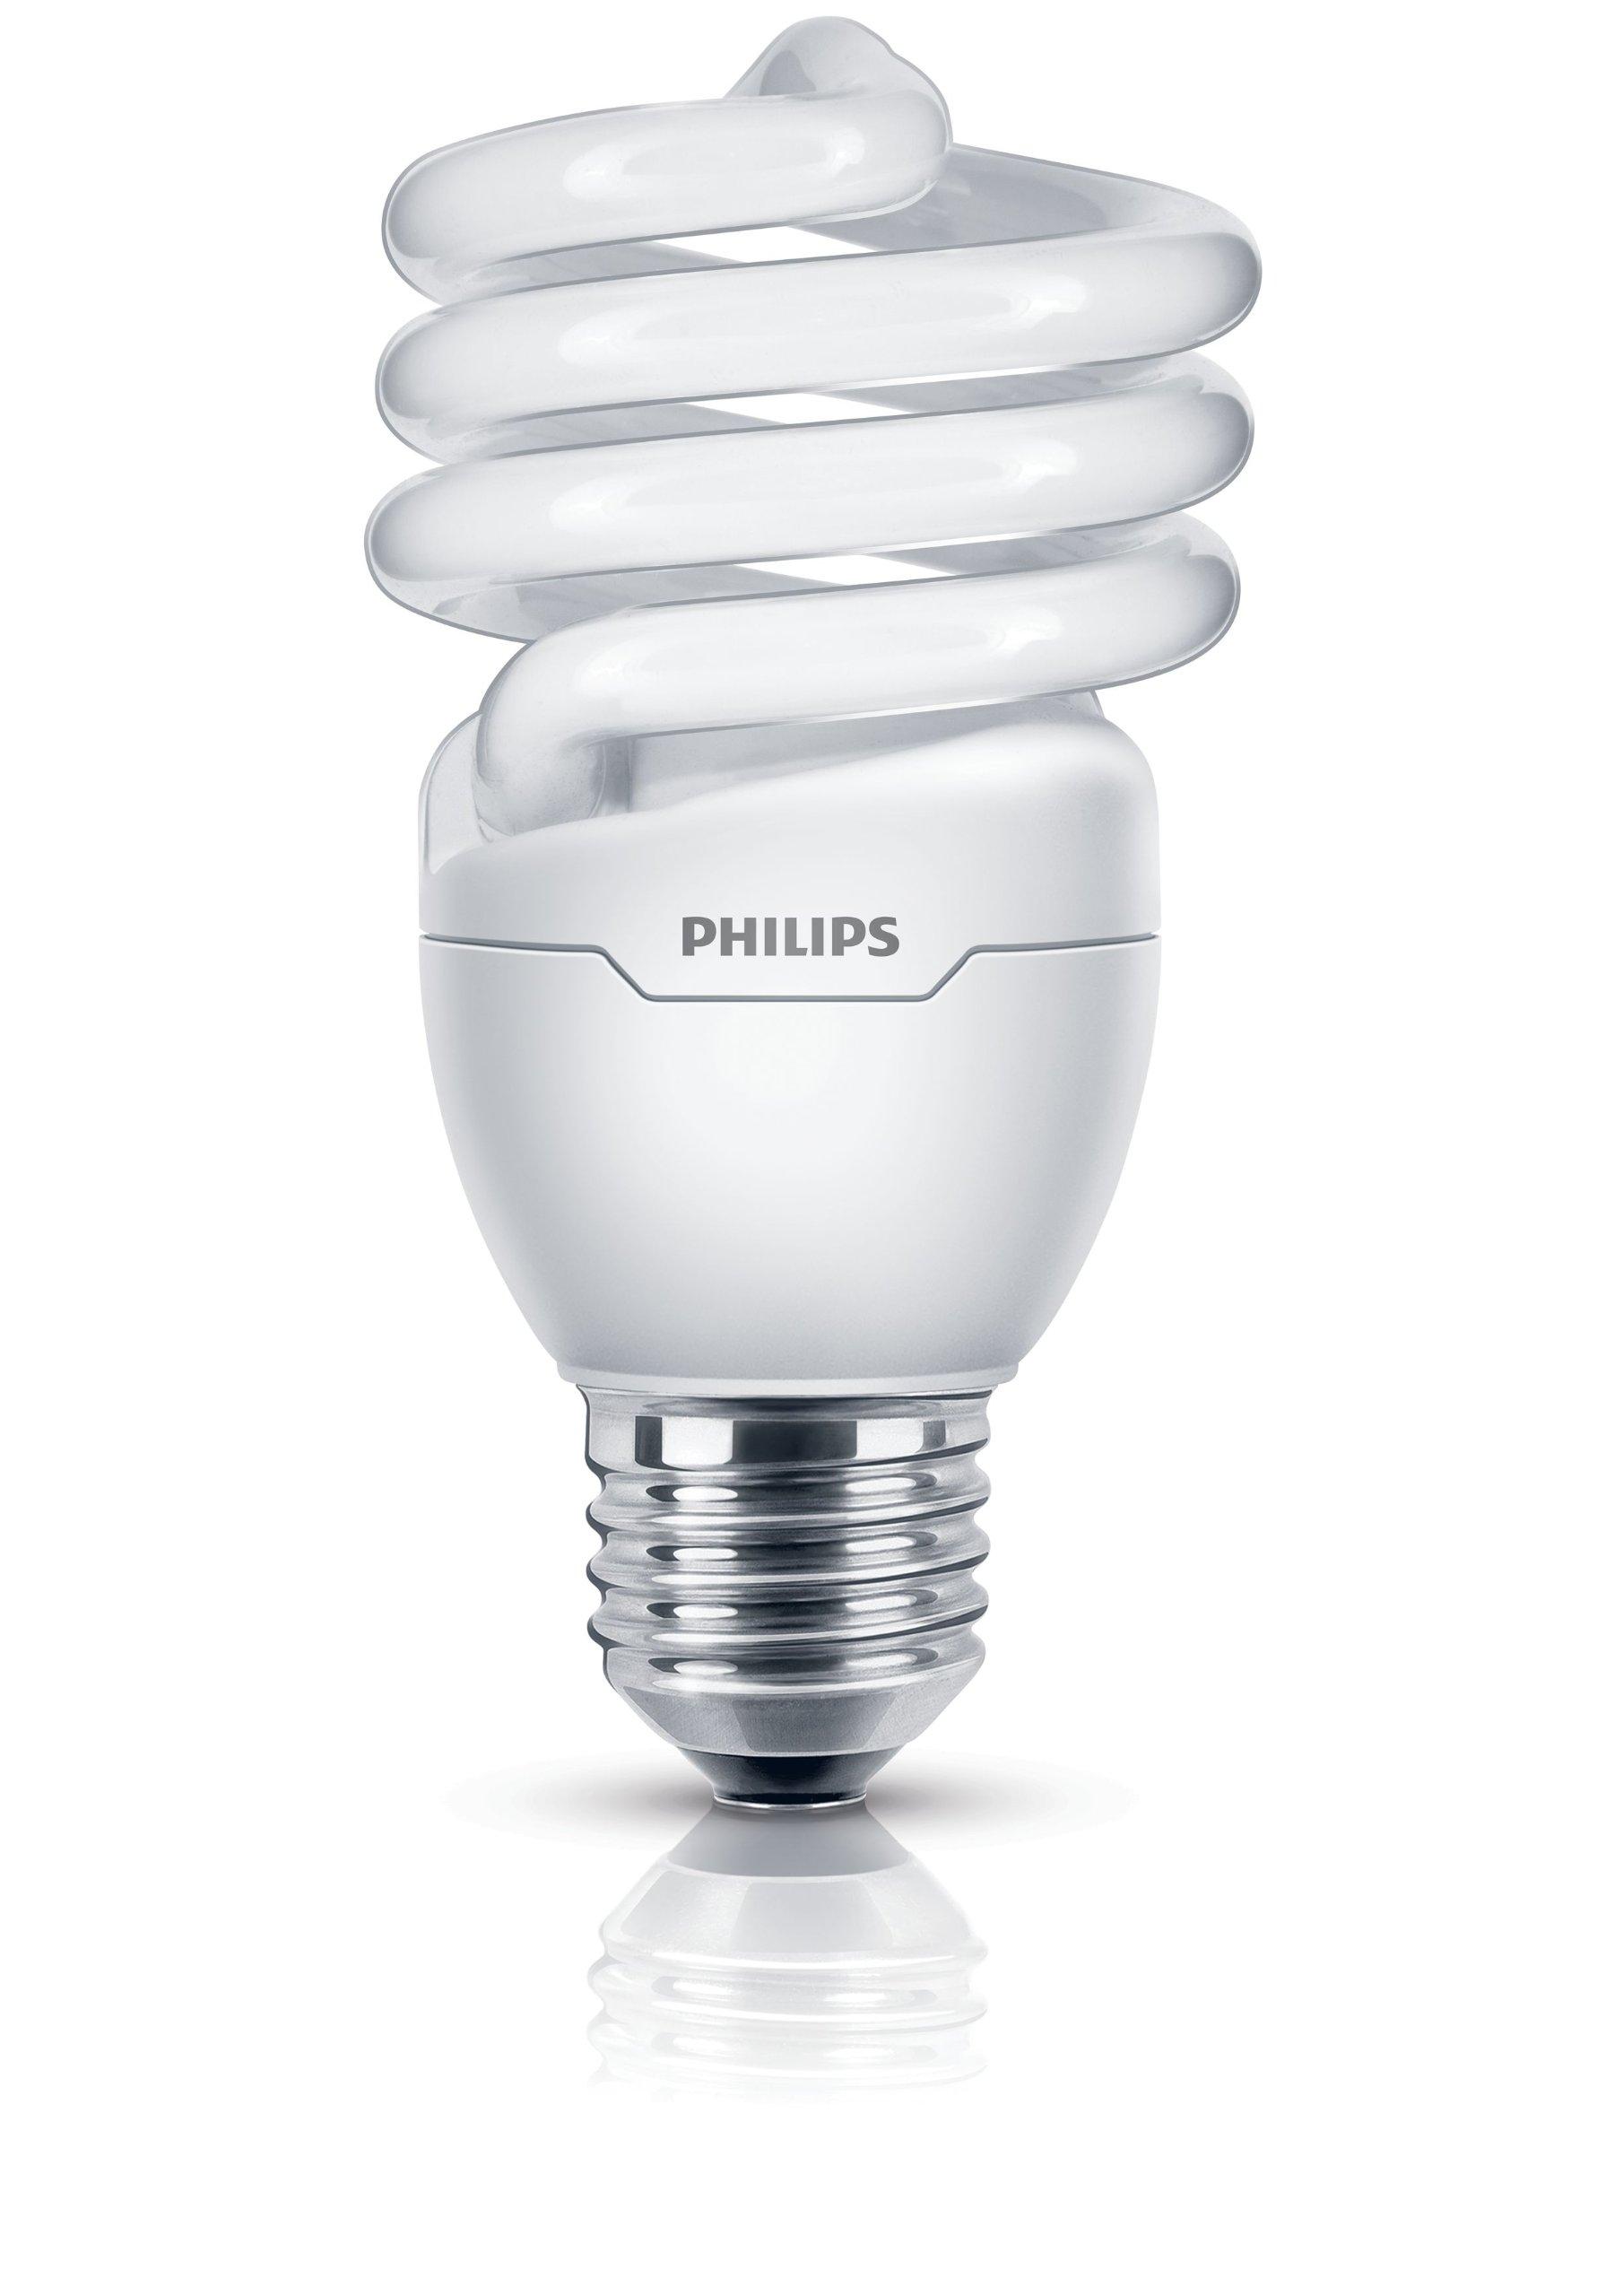 Philips E27 Edison Screw Tornado Compact Spiral Light Bulb, 20 W - Fluorescent